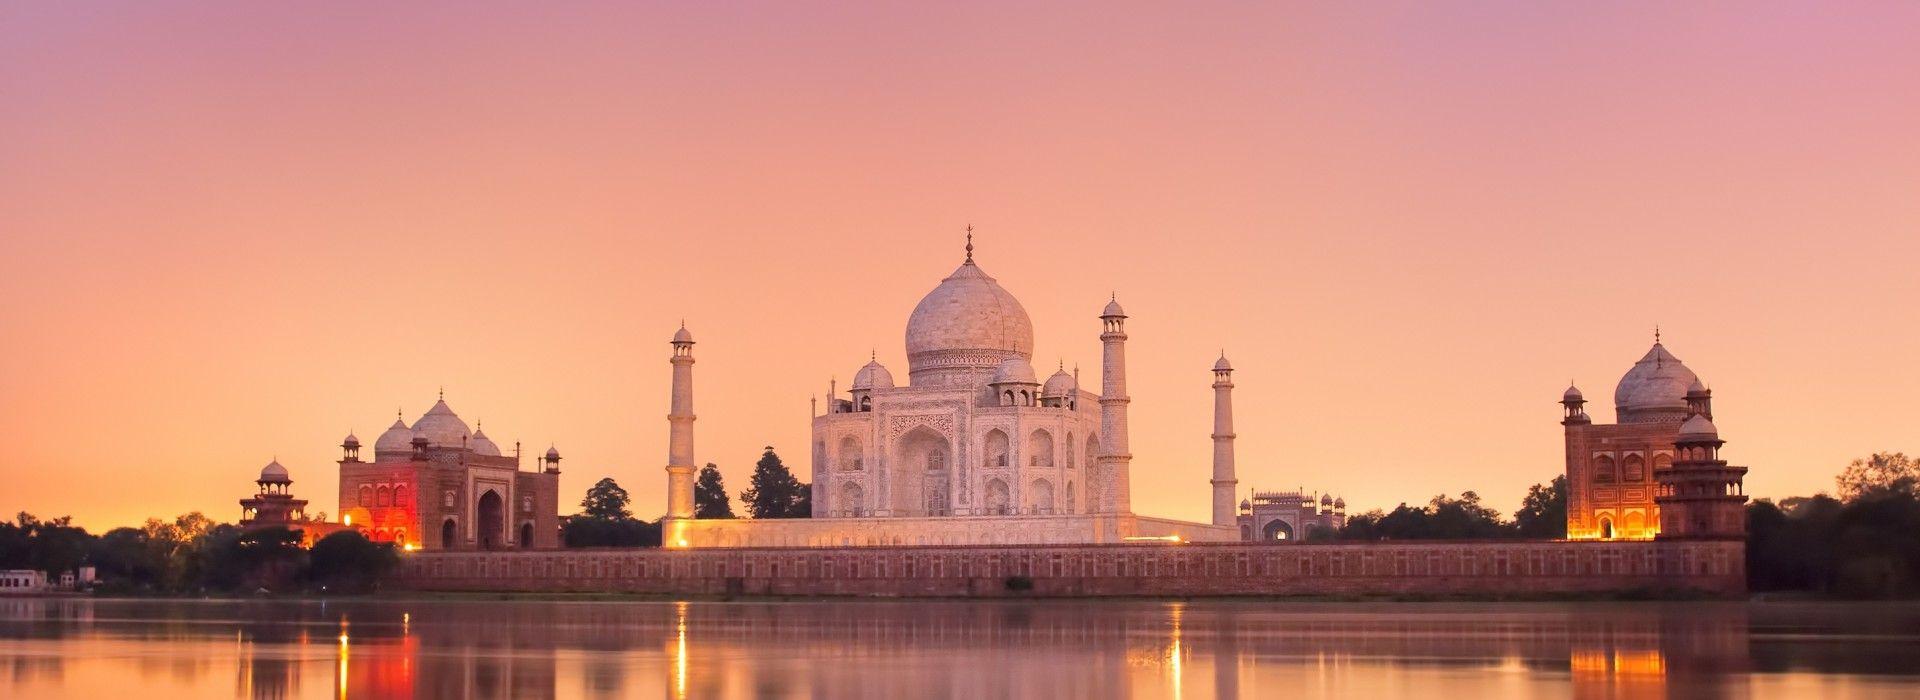 Local boat rides Tours in Delhi & Golden Triangle